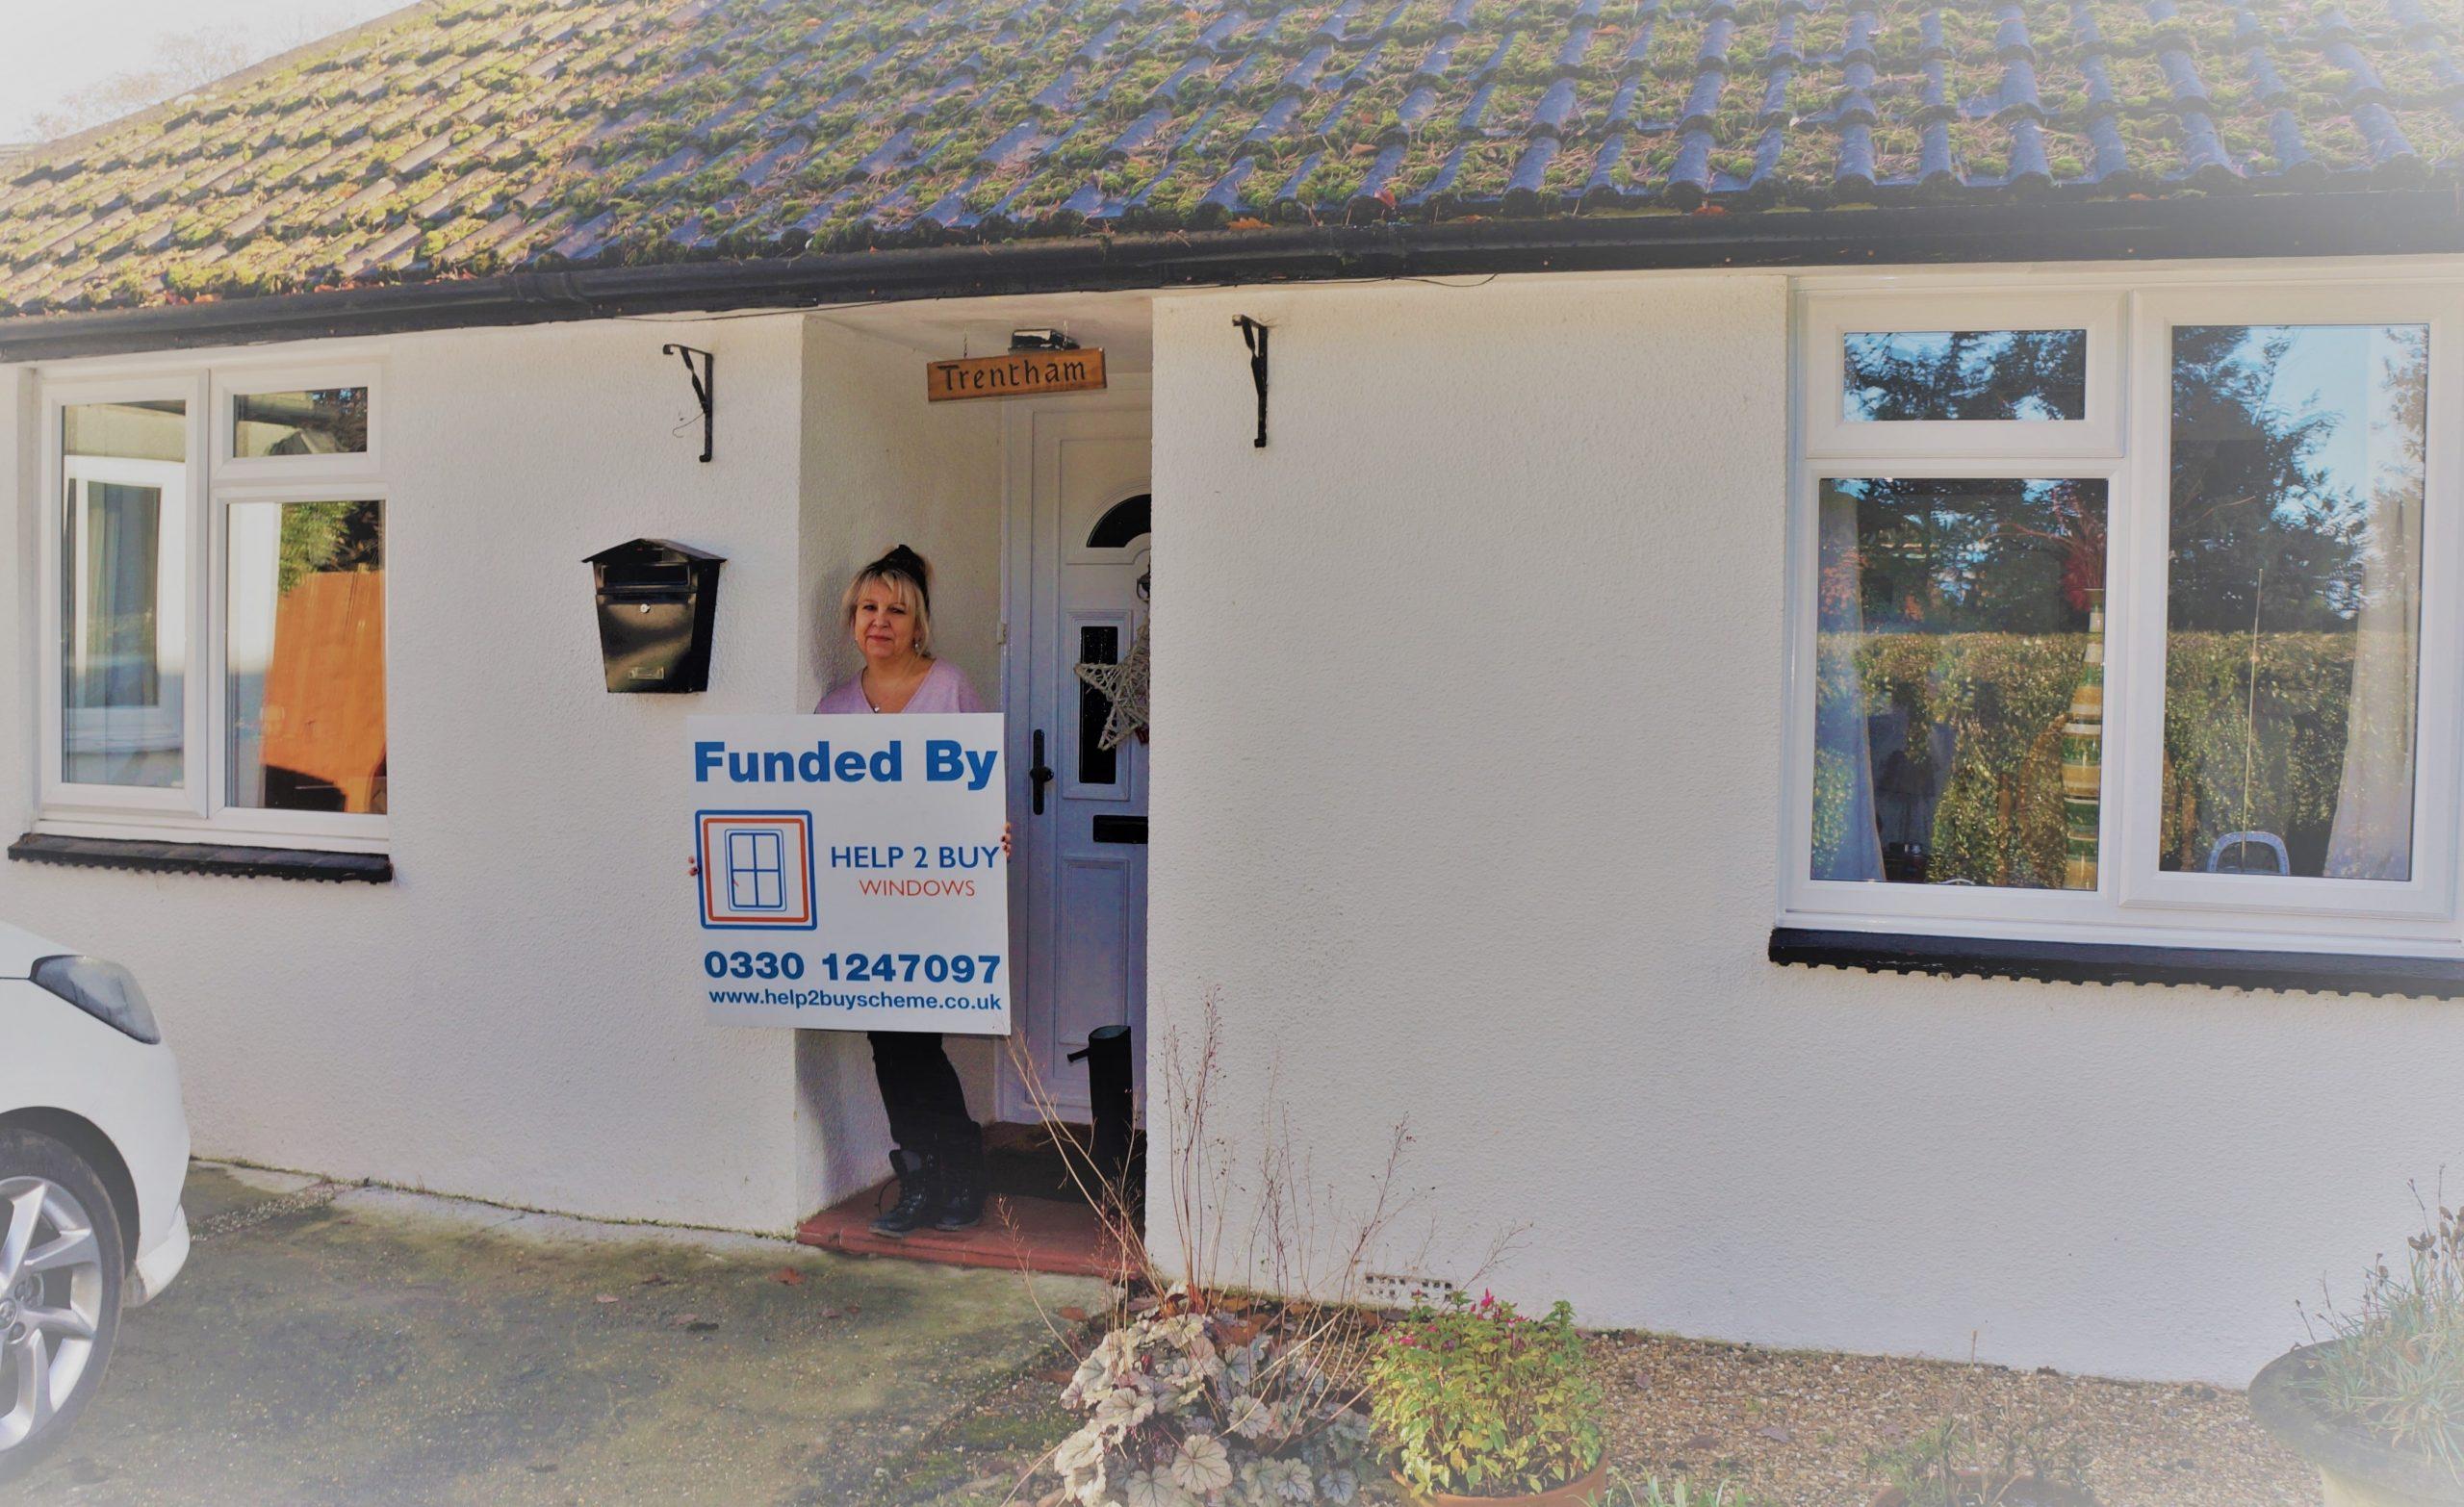 Help to buy windows Gail Moorey